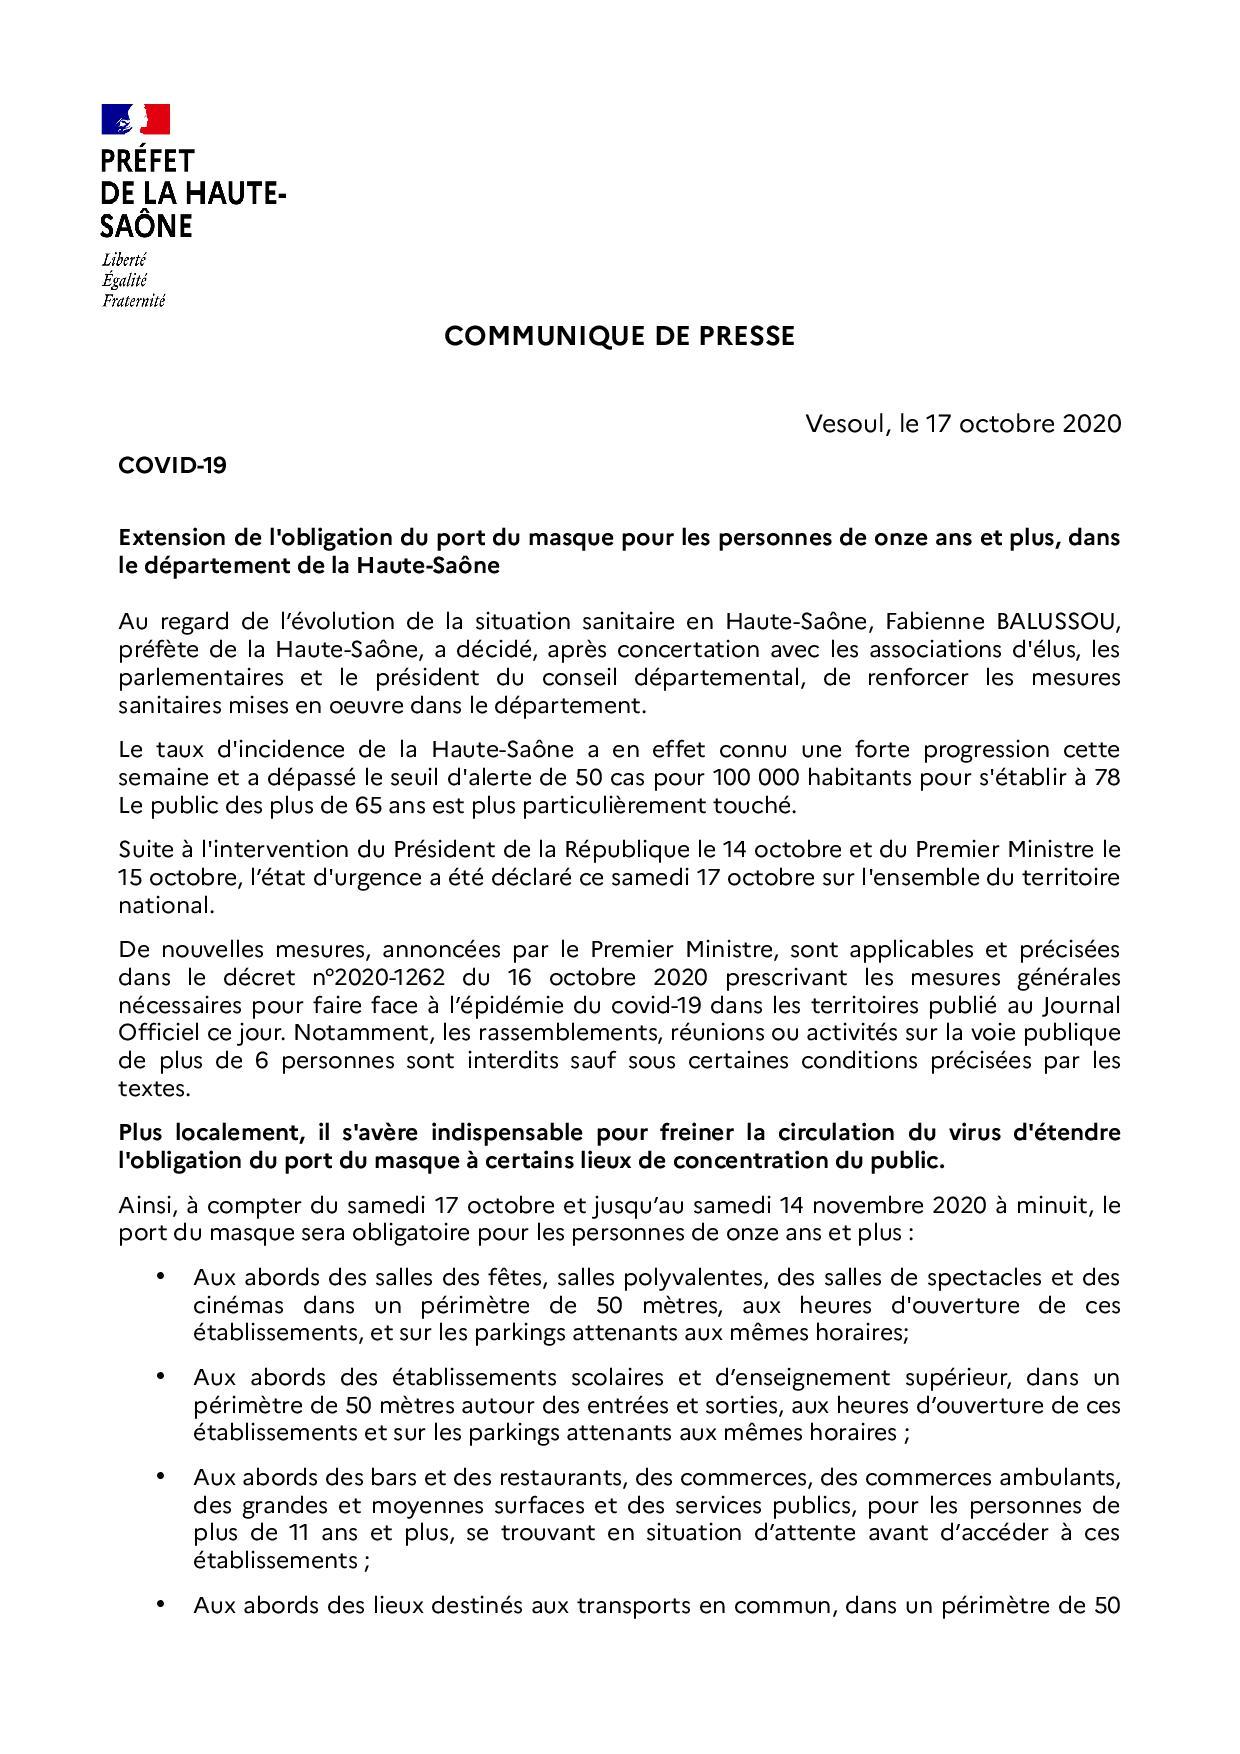 https://www.villers-les-luxeuil.com/projets/villers/files/images/2020_Mairie/Divers/CP_2020_10_17_Extension_du_port_obligatoire_du_masque_page_001.jpg